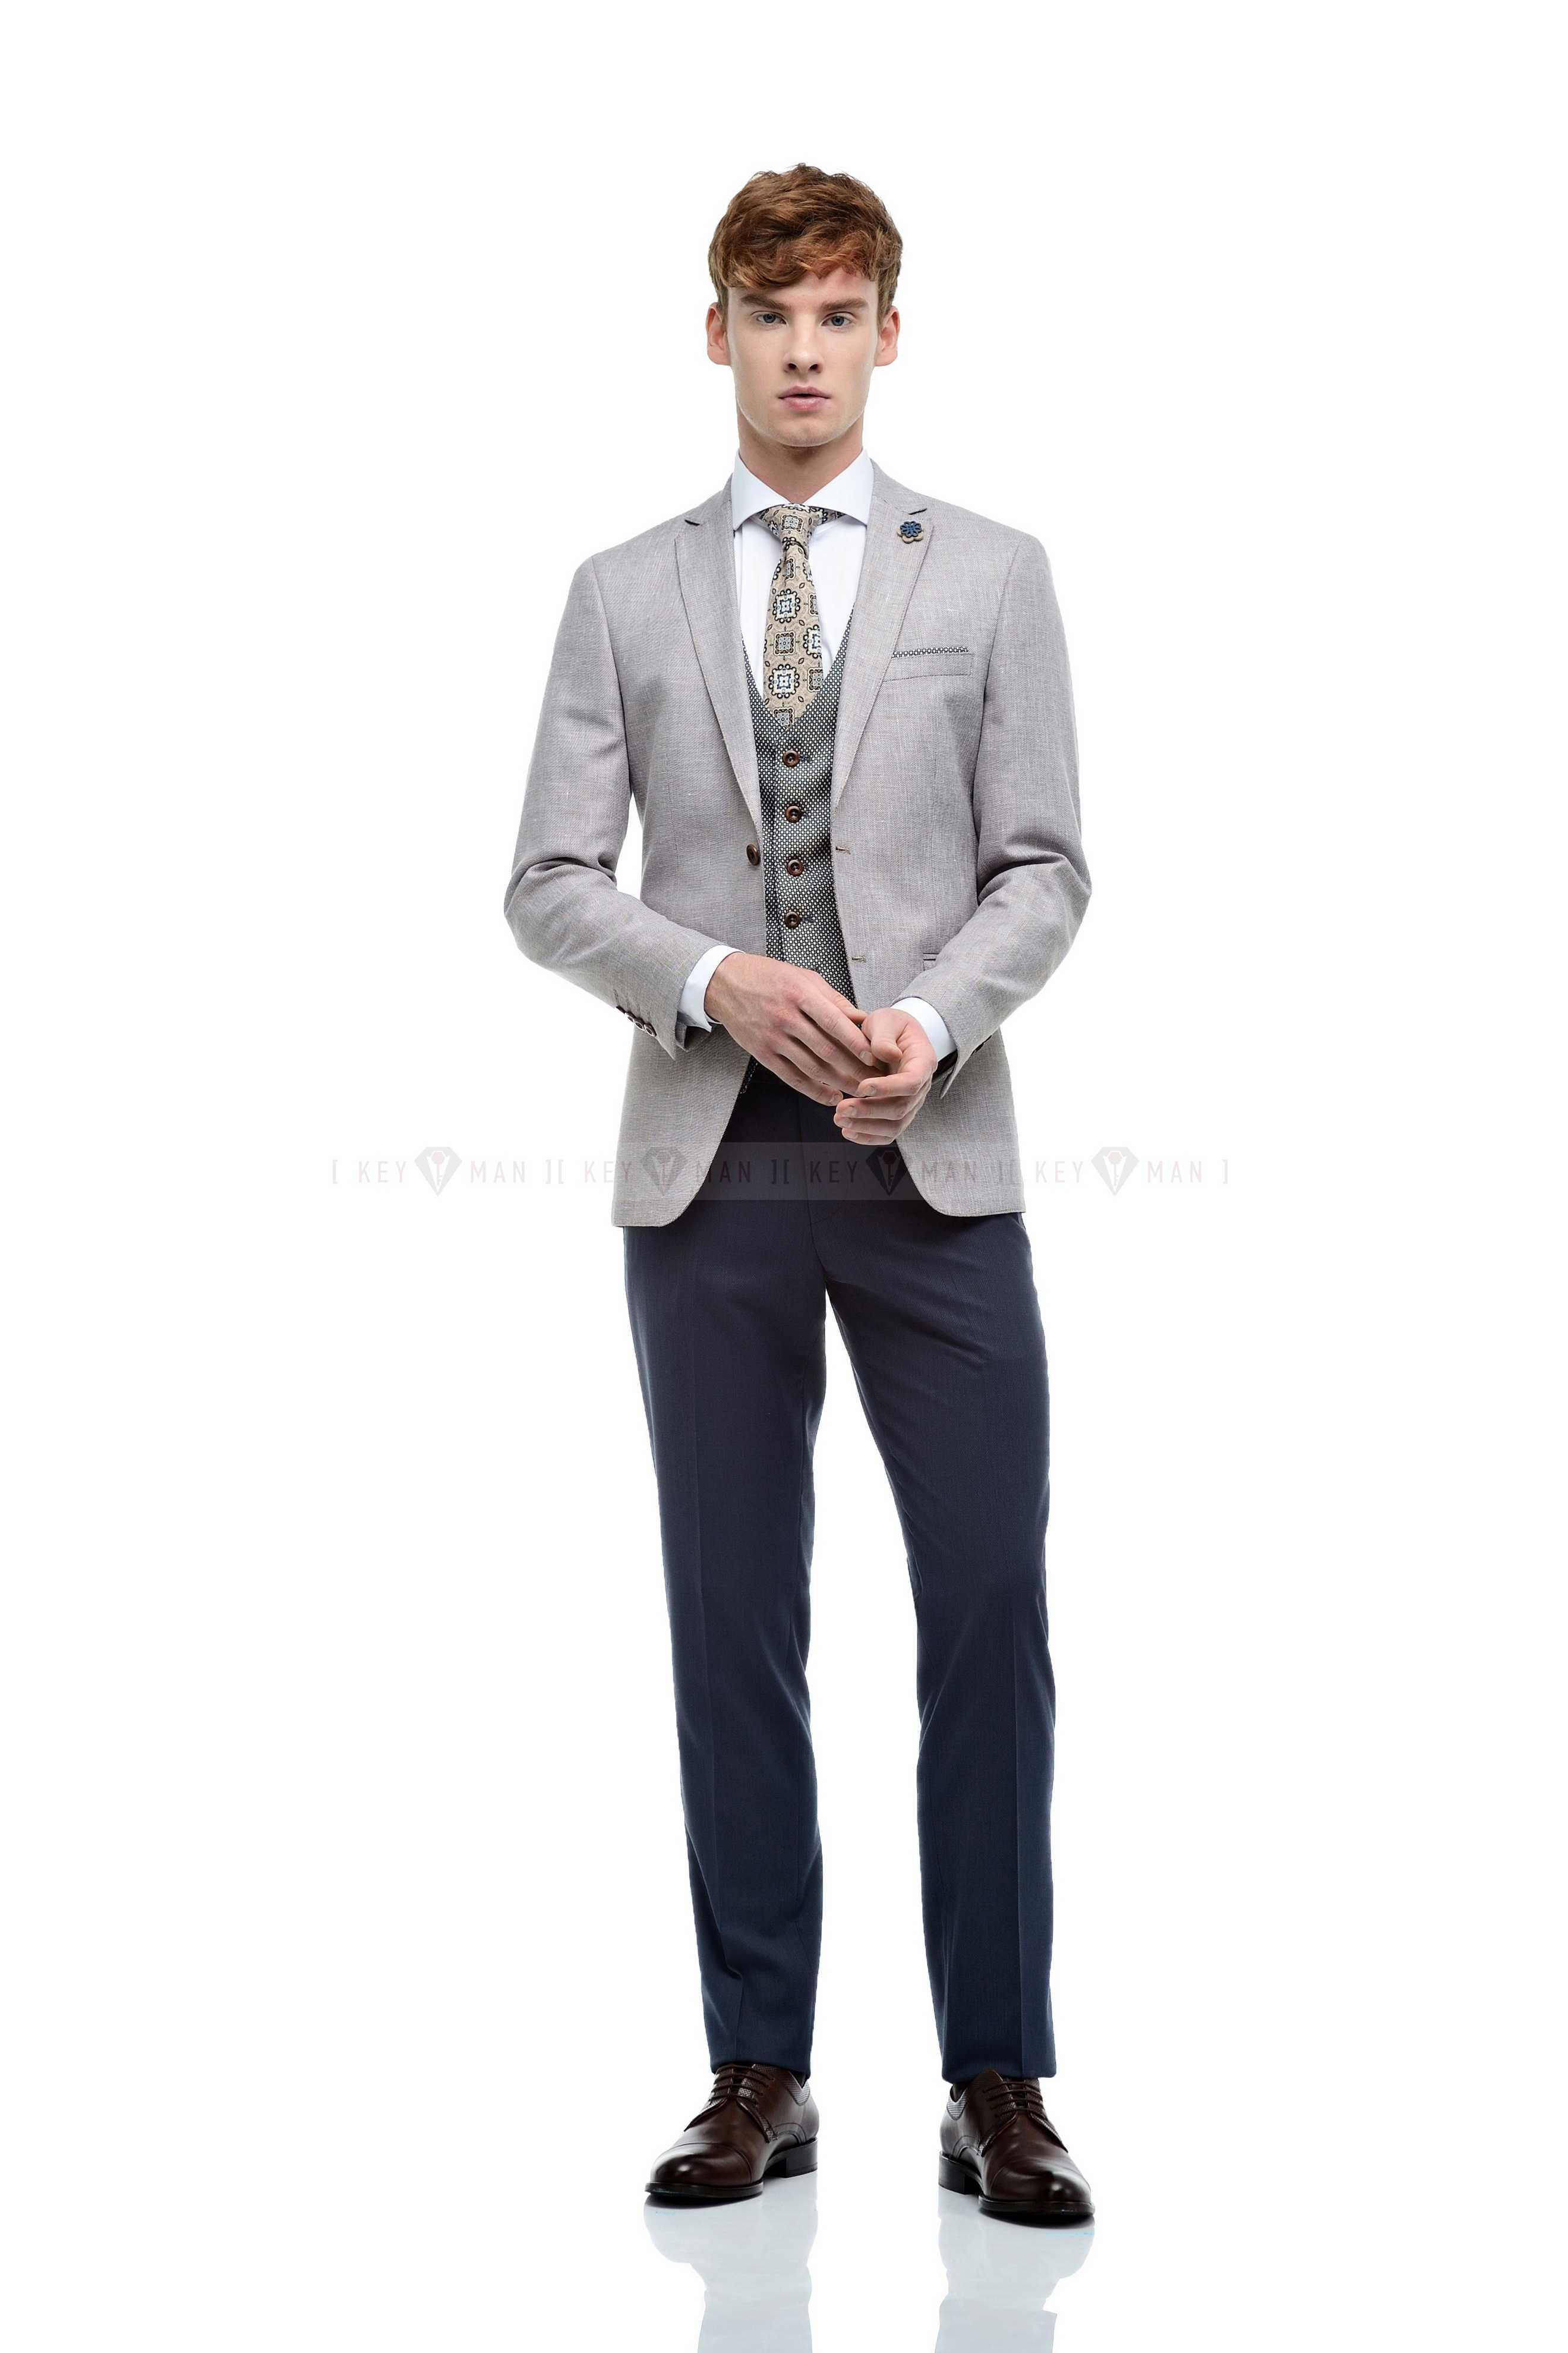 Костюм мужской хлопковый, бежевый, с контрастным жилетом, синие брюки